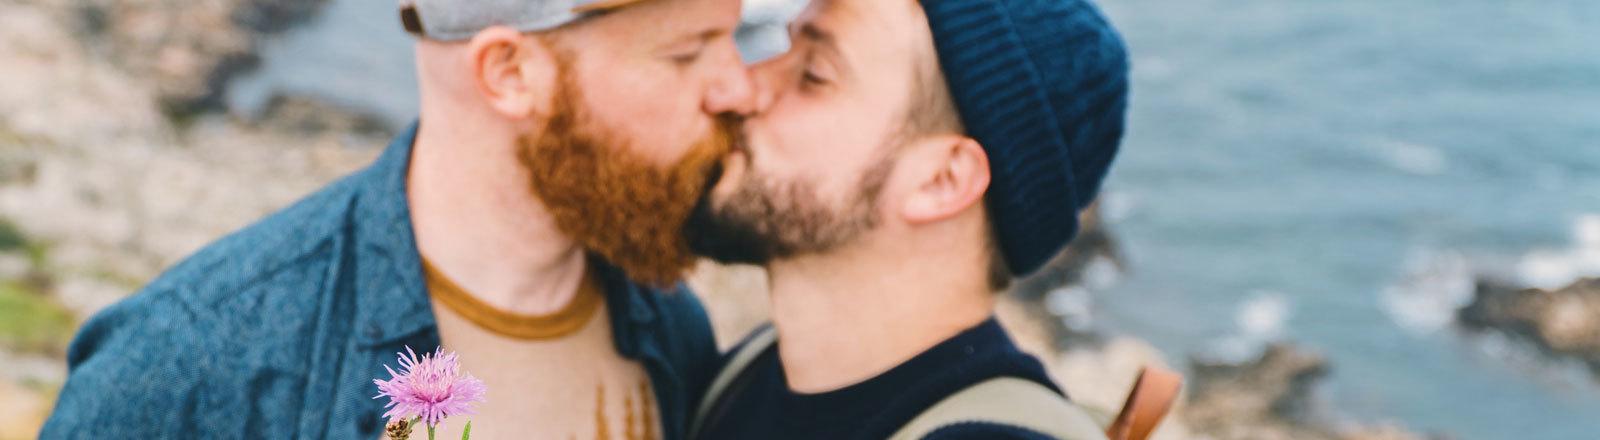 Zwei Männer küssen sich.